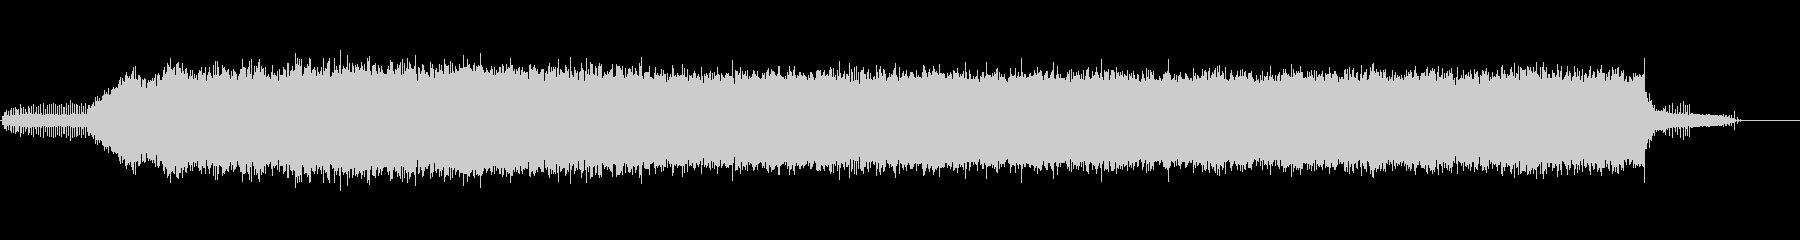 リーフガスリーフブロワー-開始、制...の未再生の波形